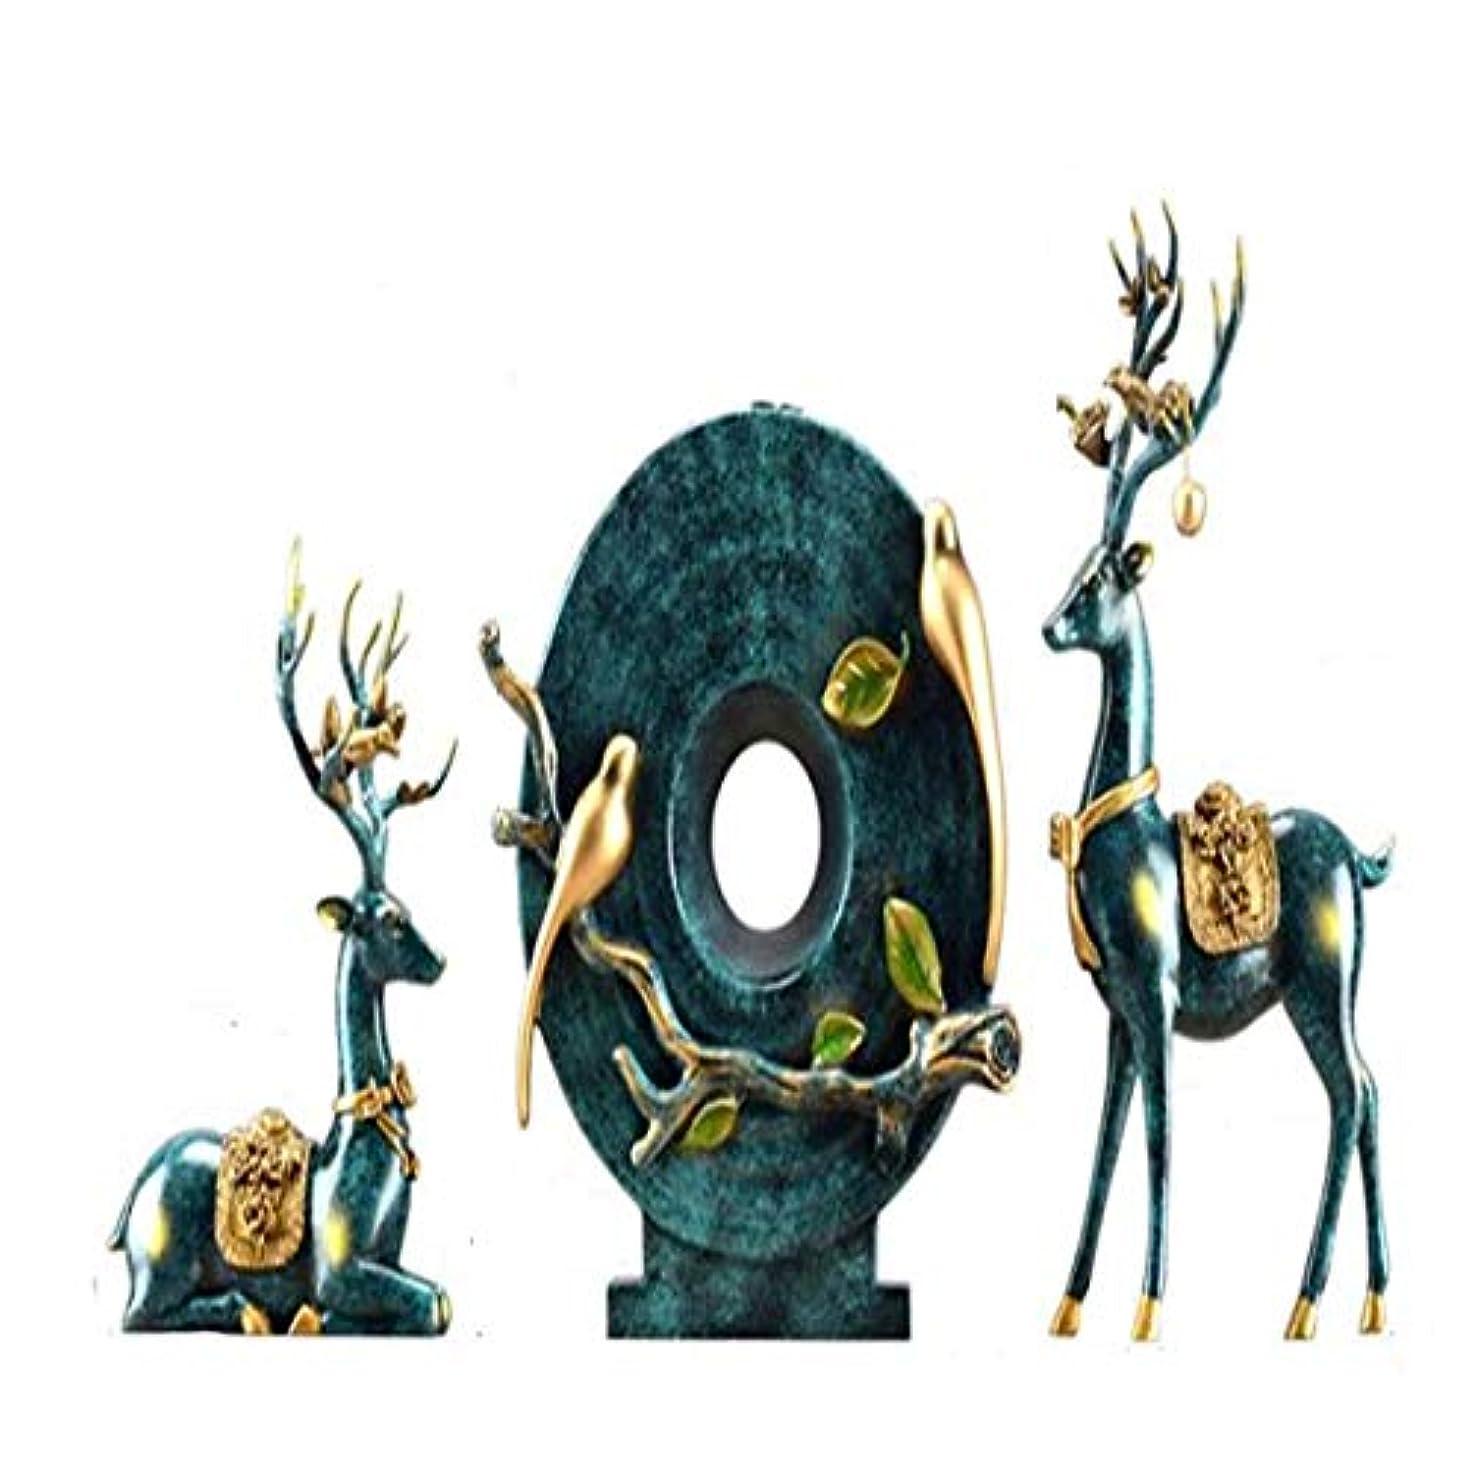 大理石に慣れ肉のFengshangshanghang クリエイティブアメリカン鹿の装飾品花瓶リビングルーム新しい家の結婚式のギフトワインキャビネットテレビキャビネットホームソフト装飾家具,家の装飾 (Color : A)